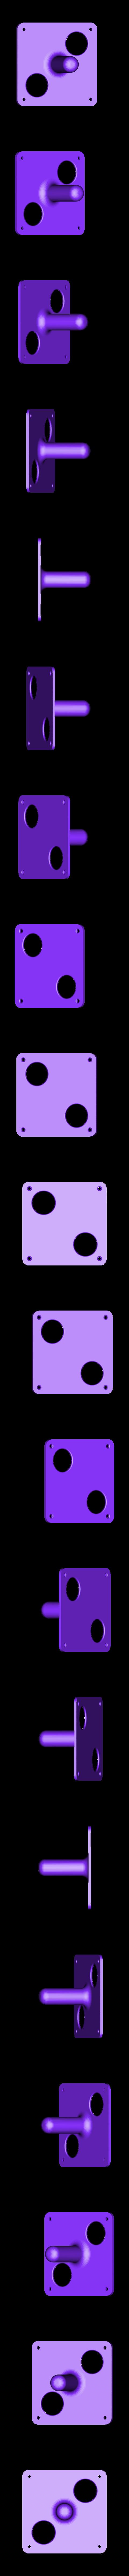 Platform.stl Télécharger fichier STL gratuit Bague de Lutte du Pouce • Modèle pour impression 3D, Bolrod